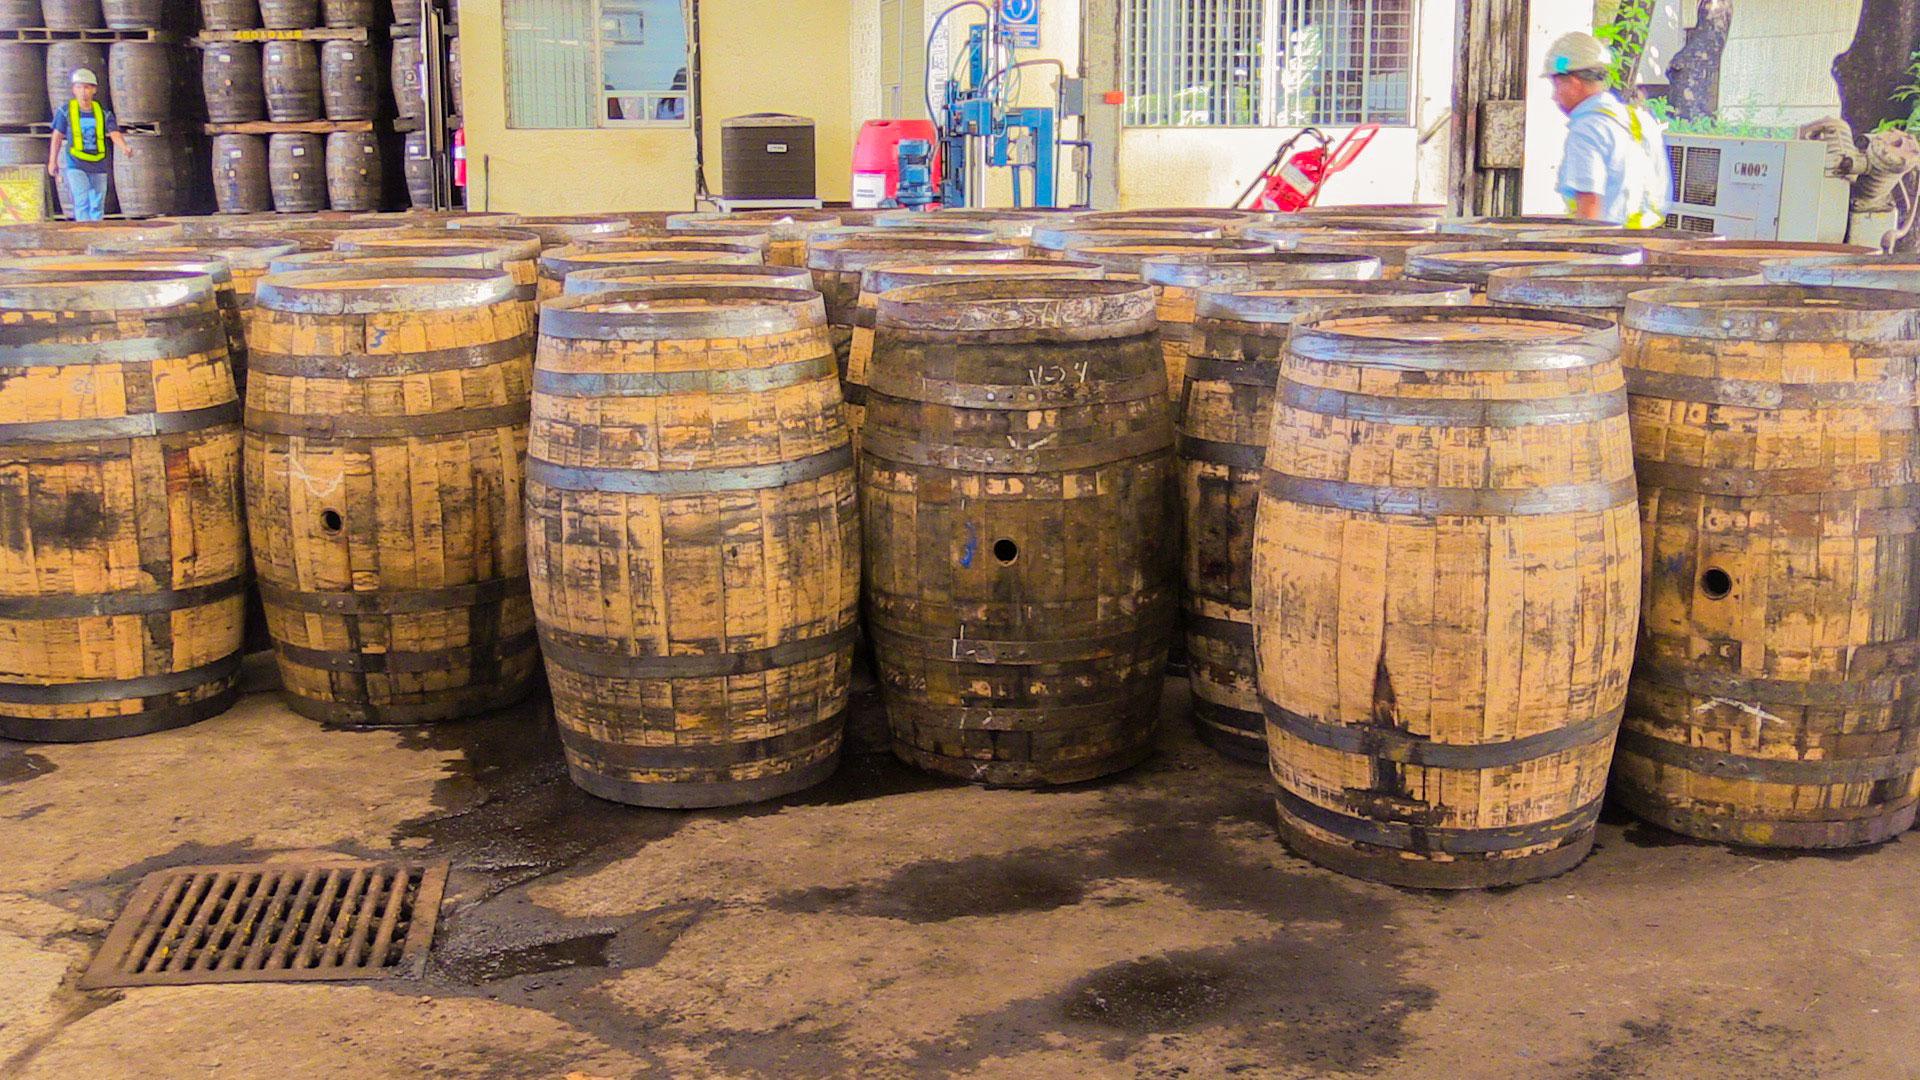 flor-de-cana-barrels